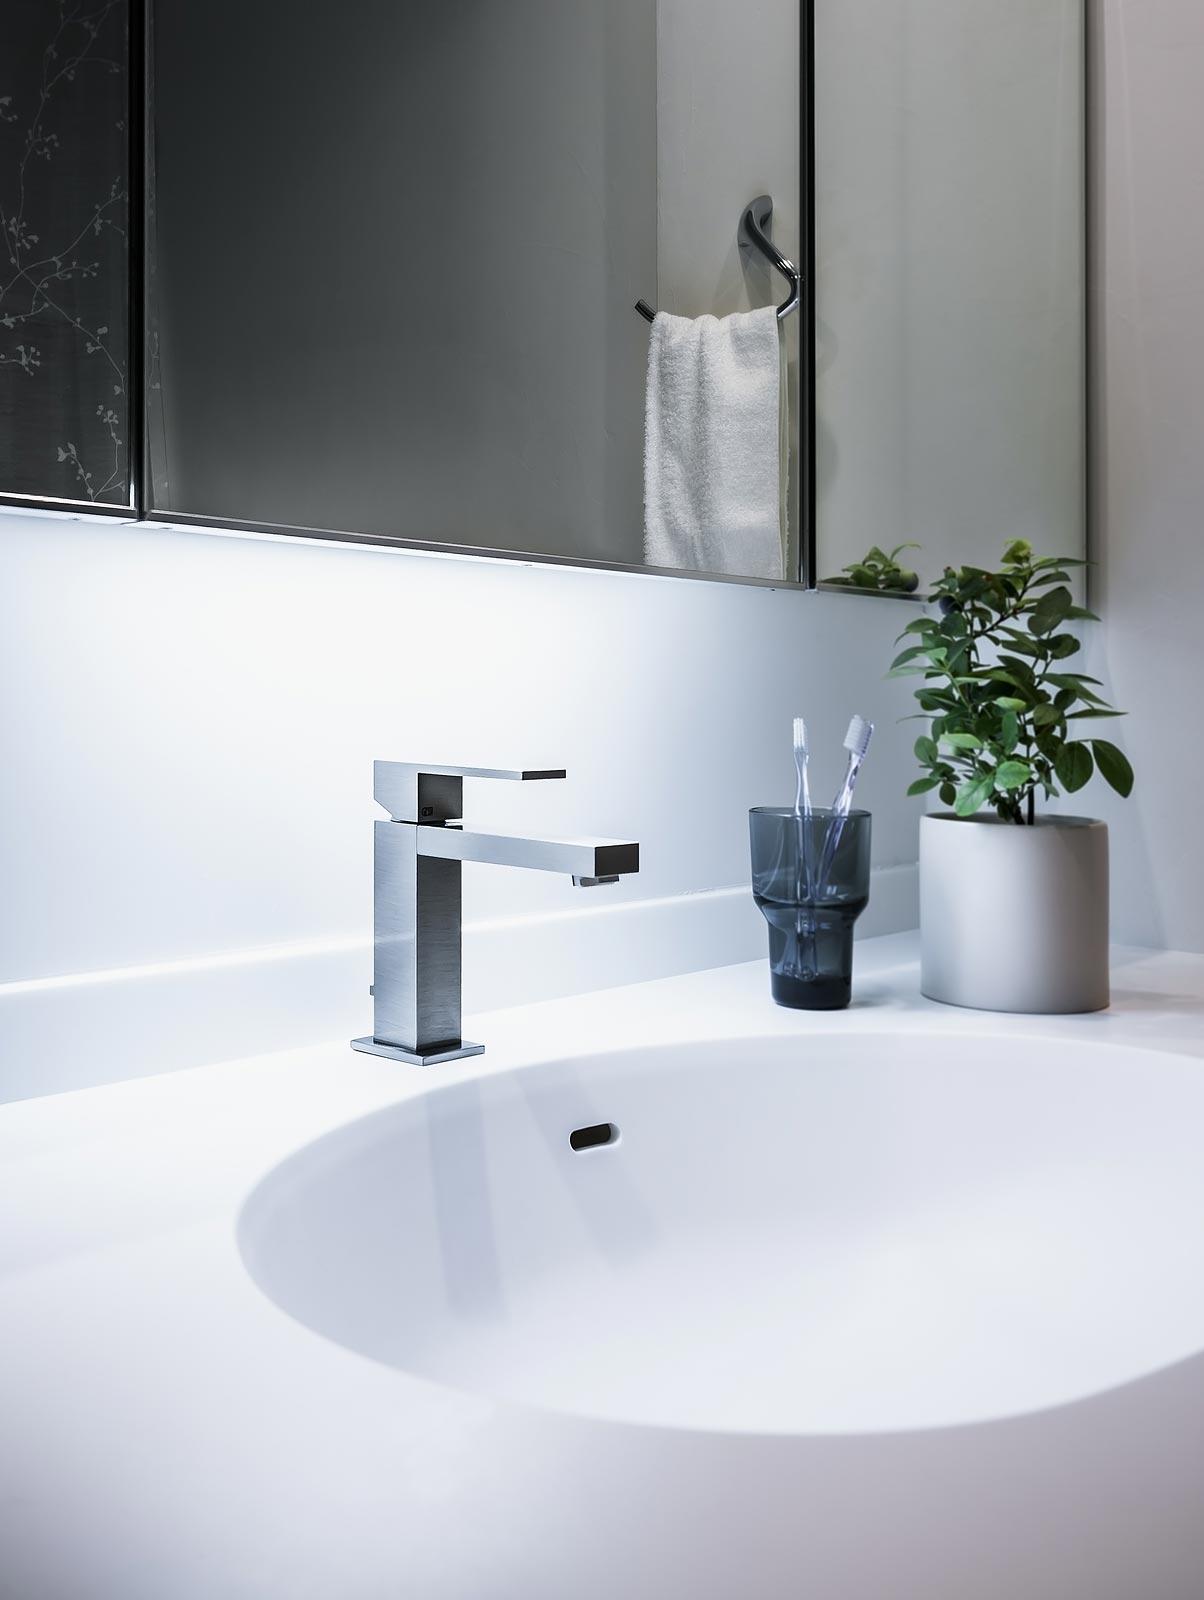 洗面室: カウンターと水栓を交換して洗面台の印象を変えました。既存のキャビネットを利用することでコストを抑えています